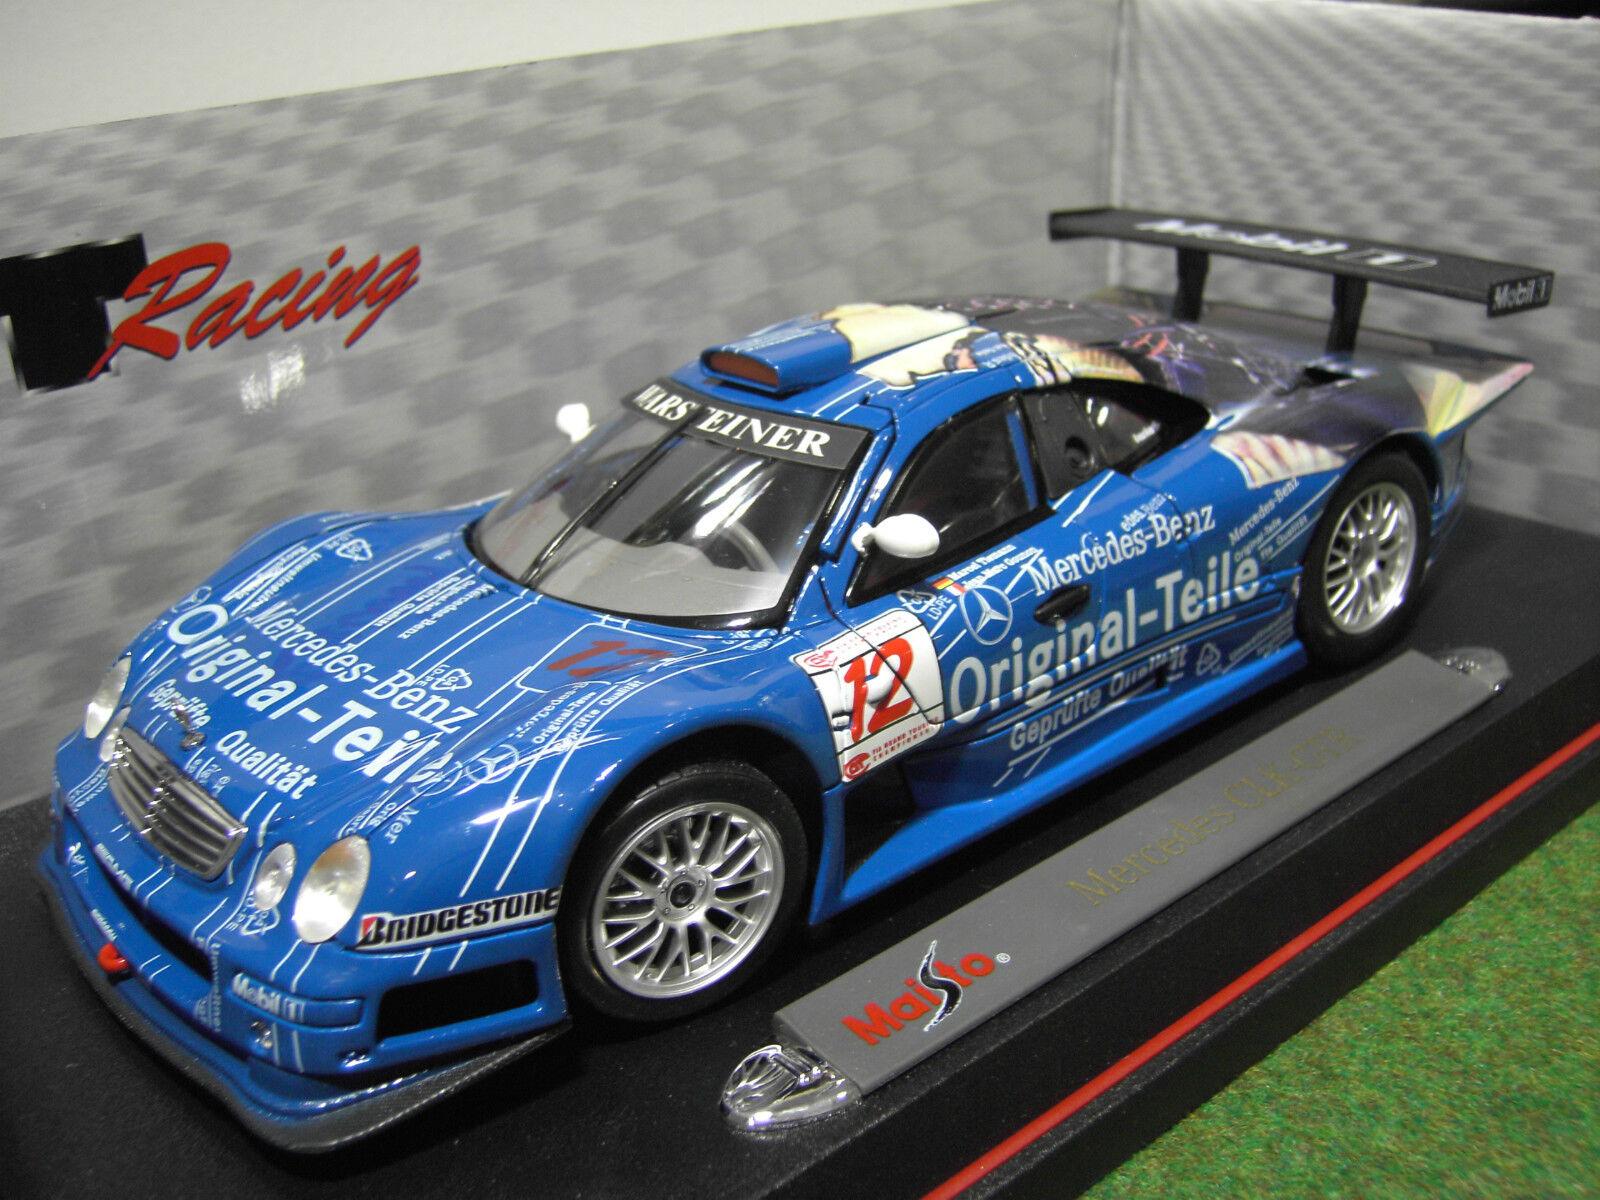 MERCEDES  CLK  GTR   12 ORIGINAL TEILE bleu o 1 18 MAISTO 38848 voiture miniature  gros pas cher